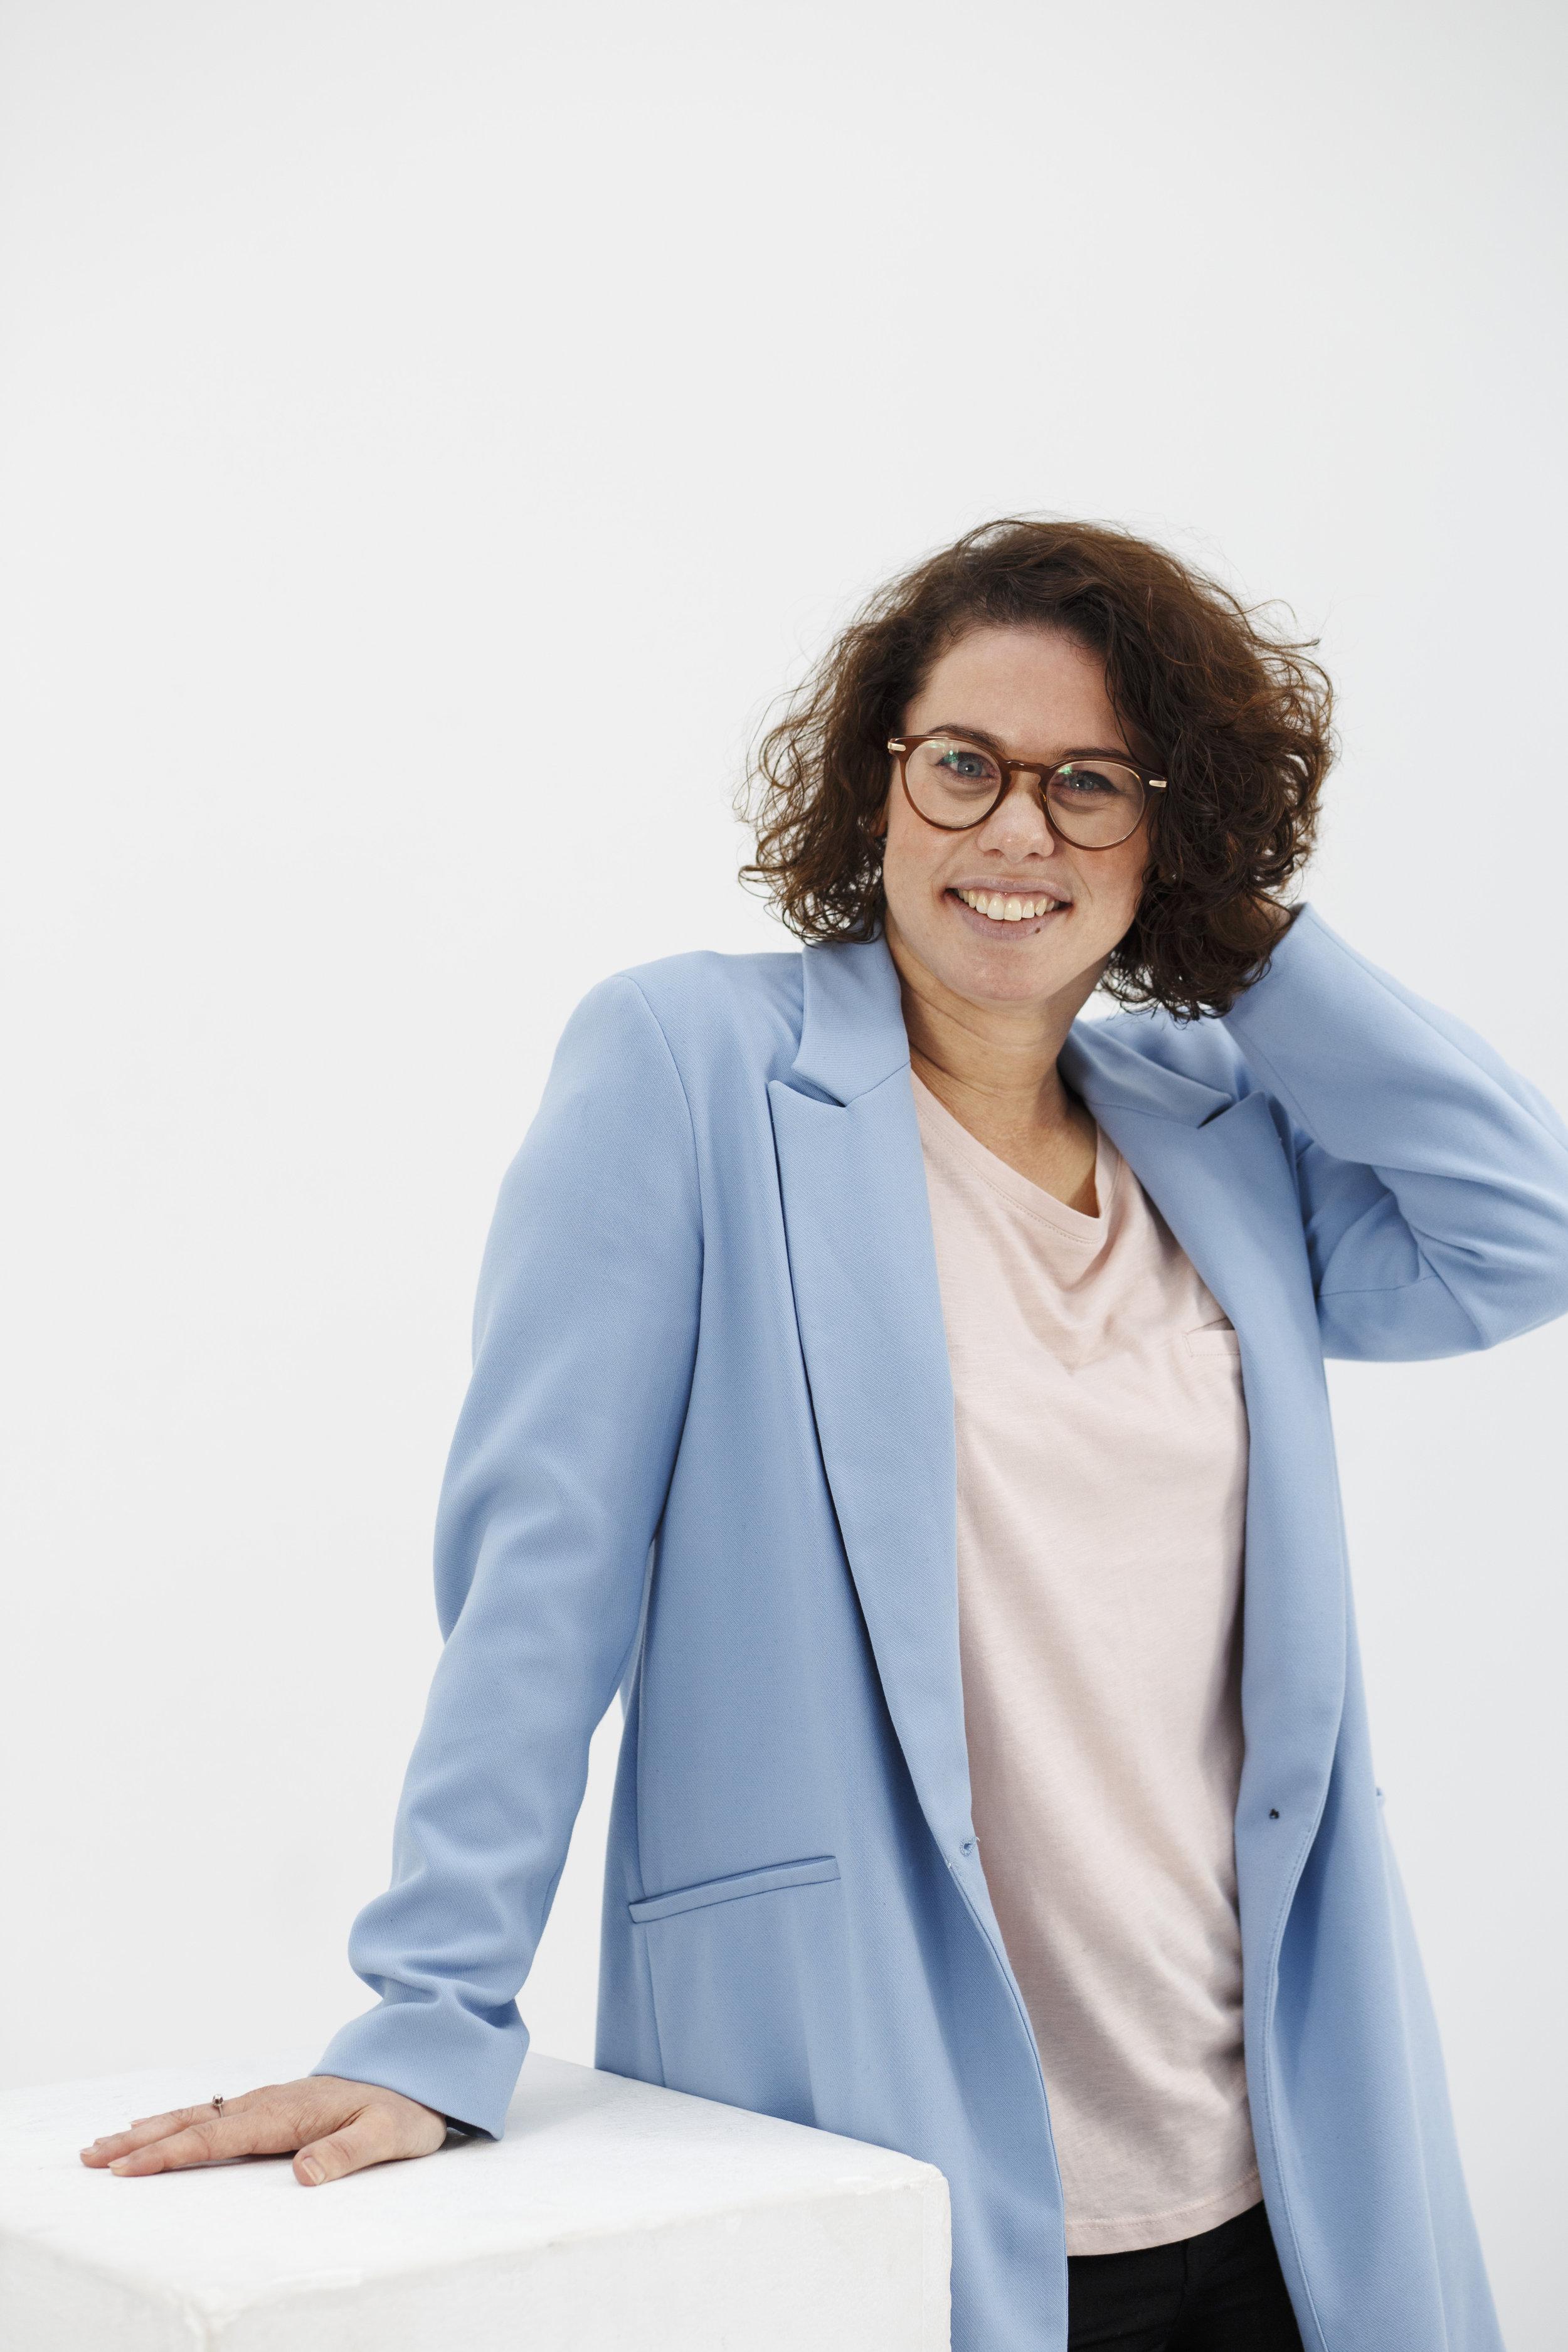 marina de haan - Marina is the founder of ZoeteLiefde and the writer of poetry book